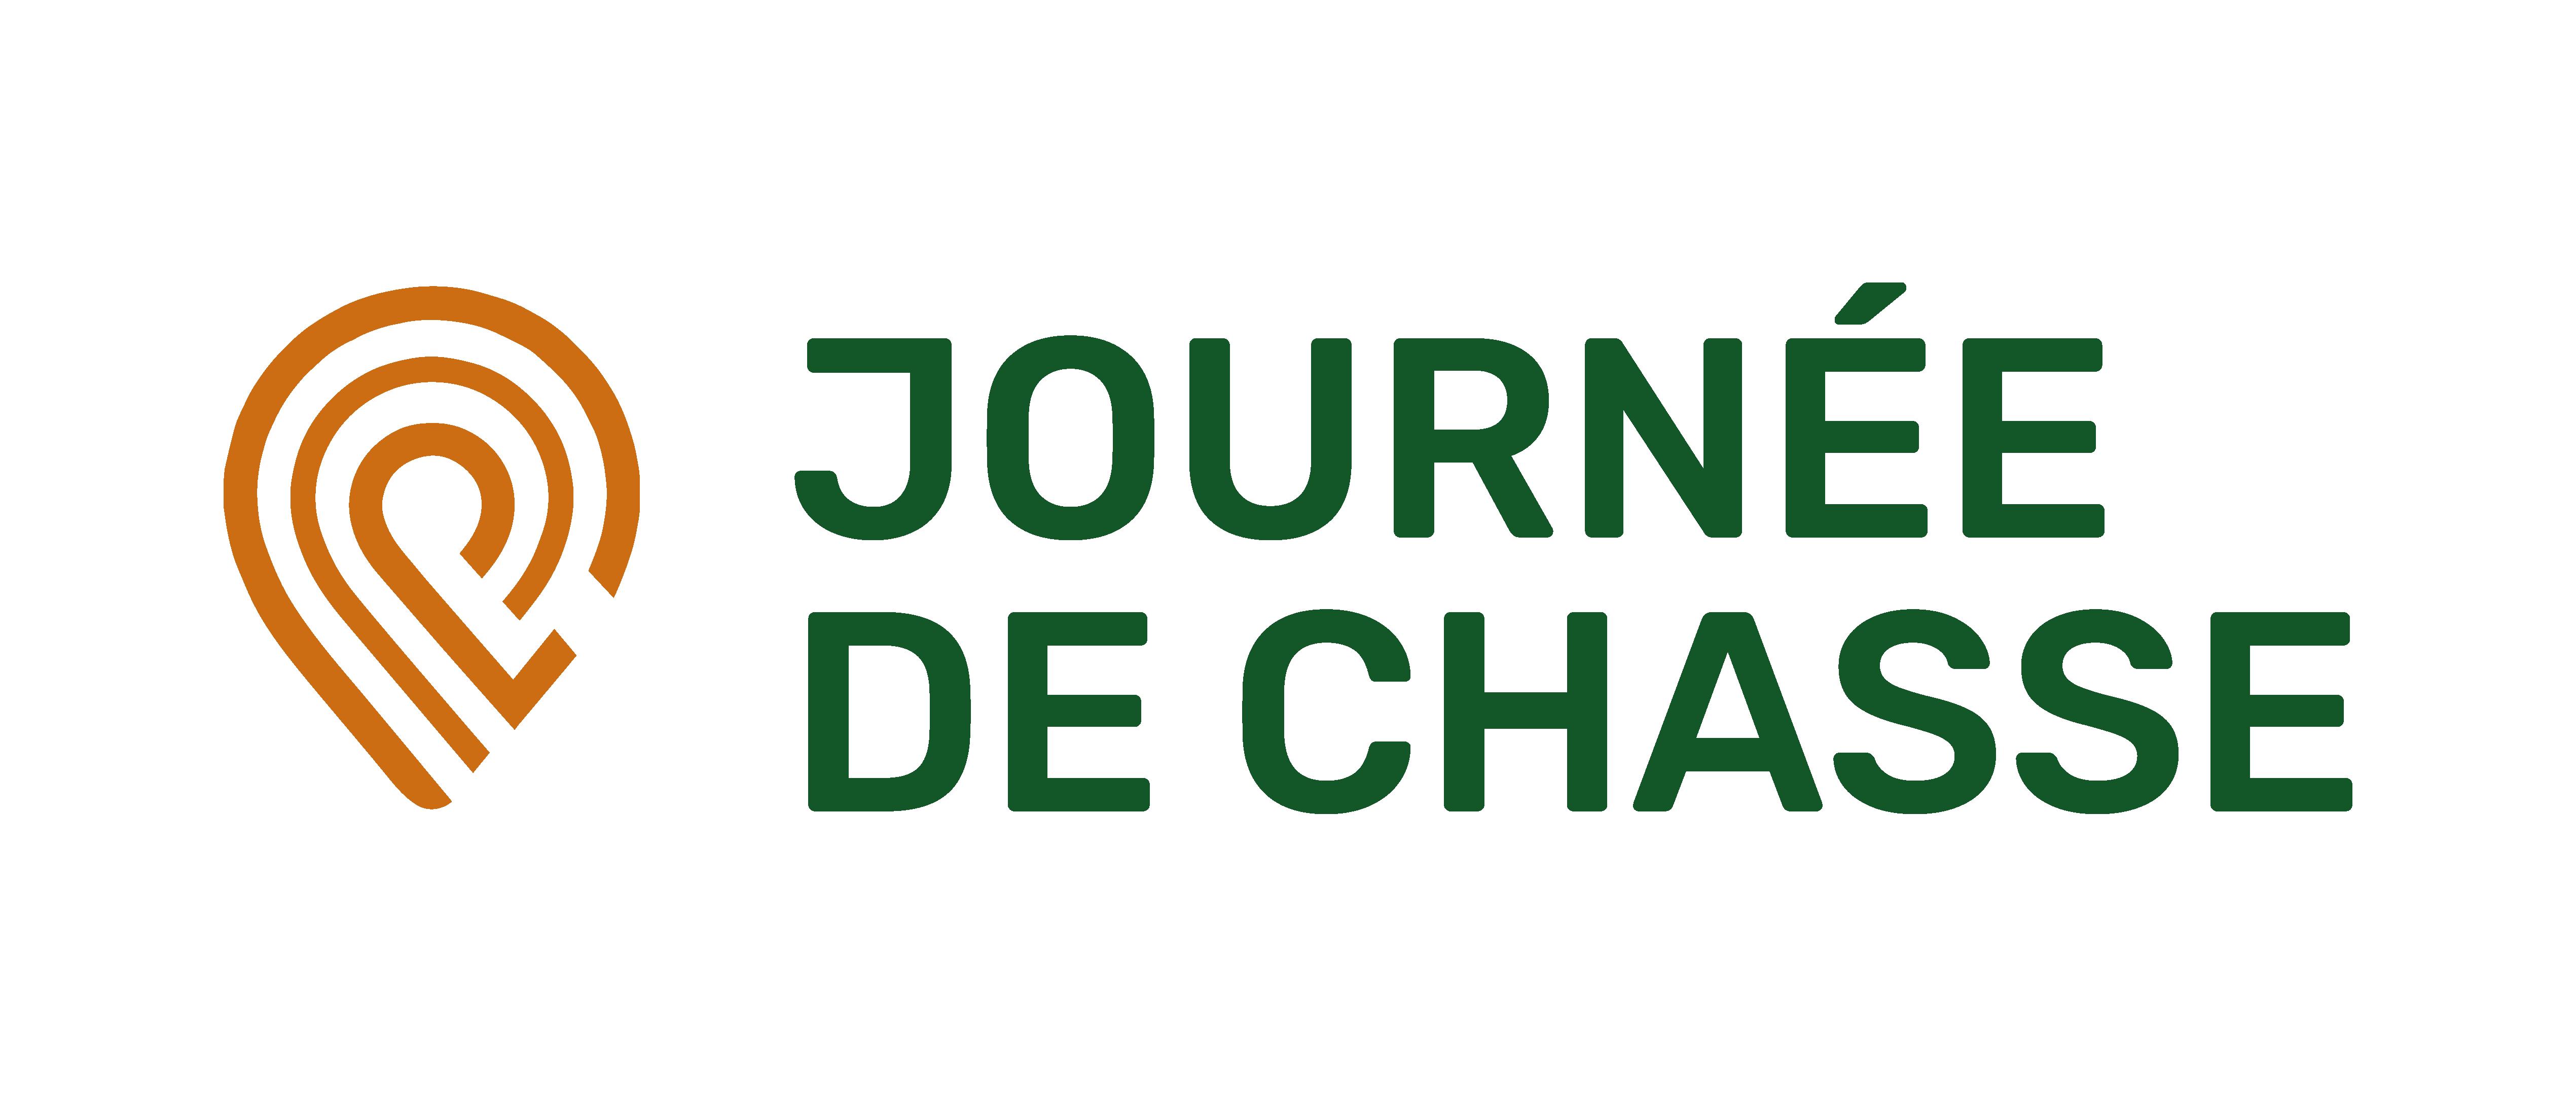 Logo journée de chasse